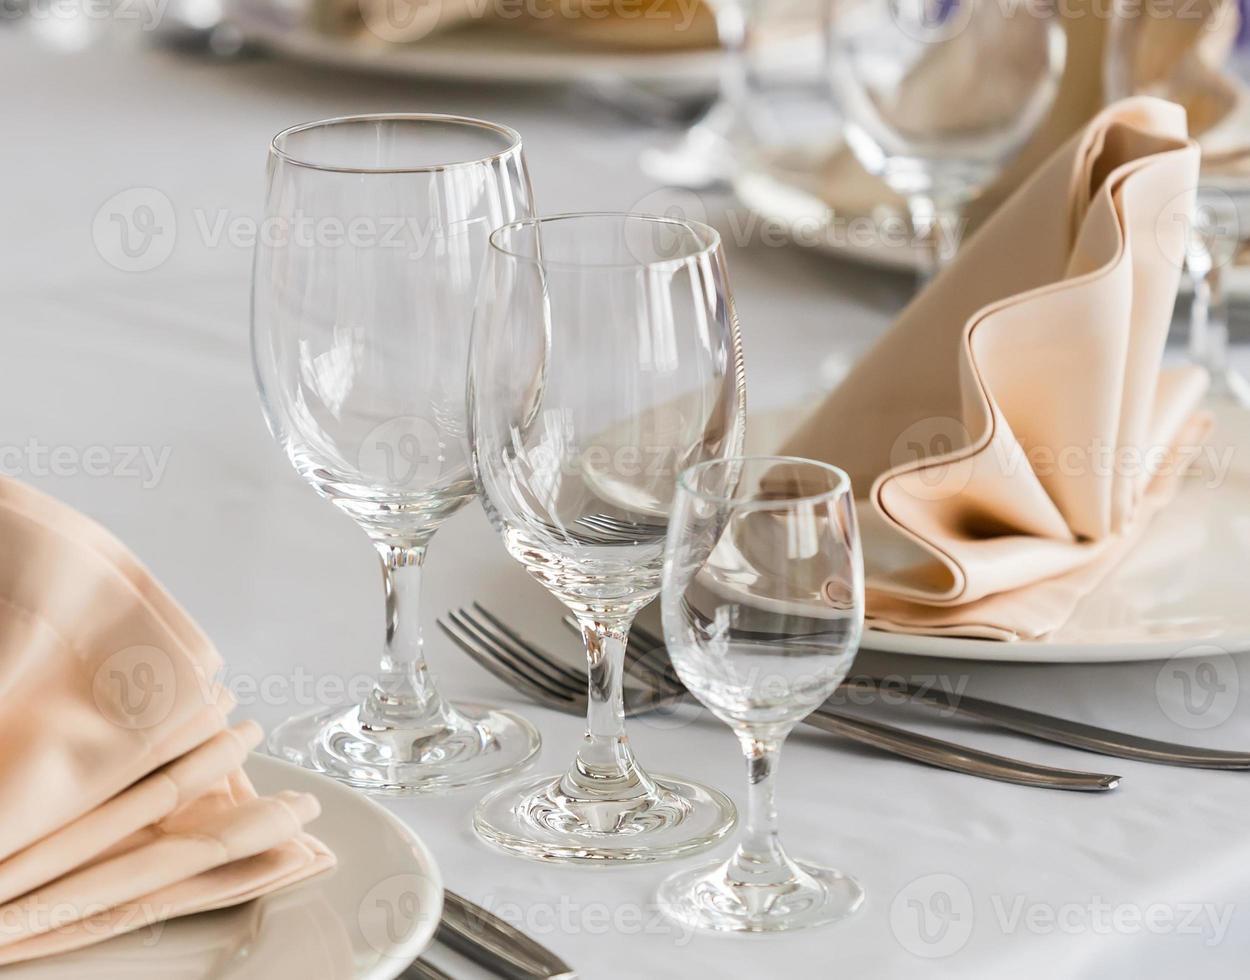 servido con un plato y vasos sobre la mesa foto